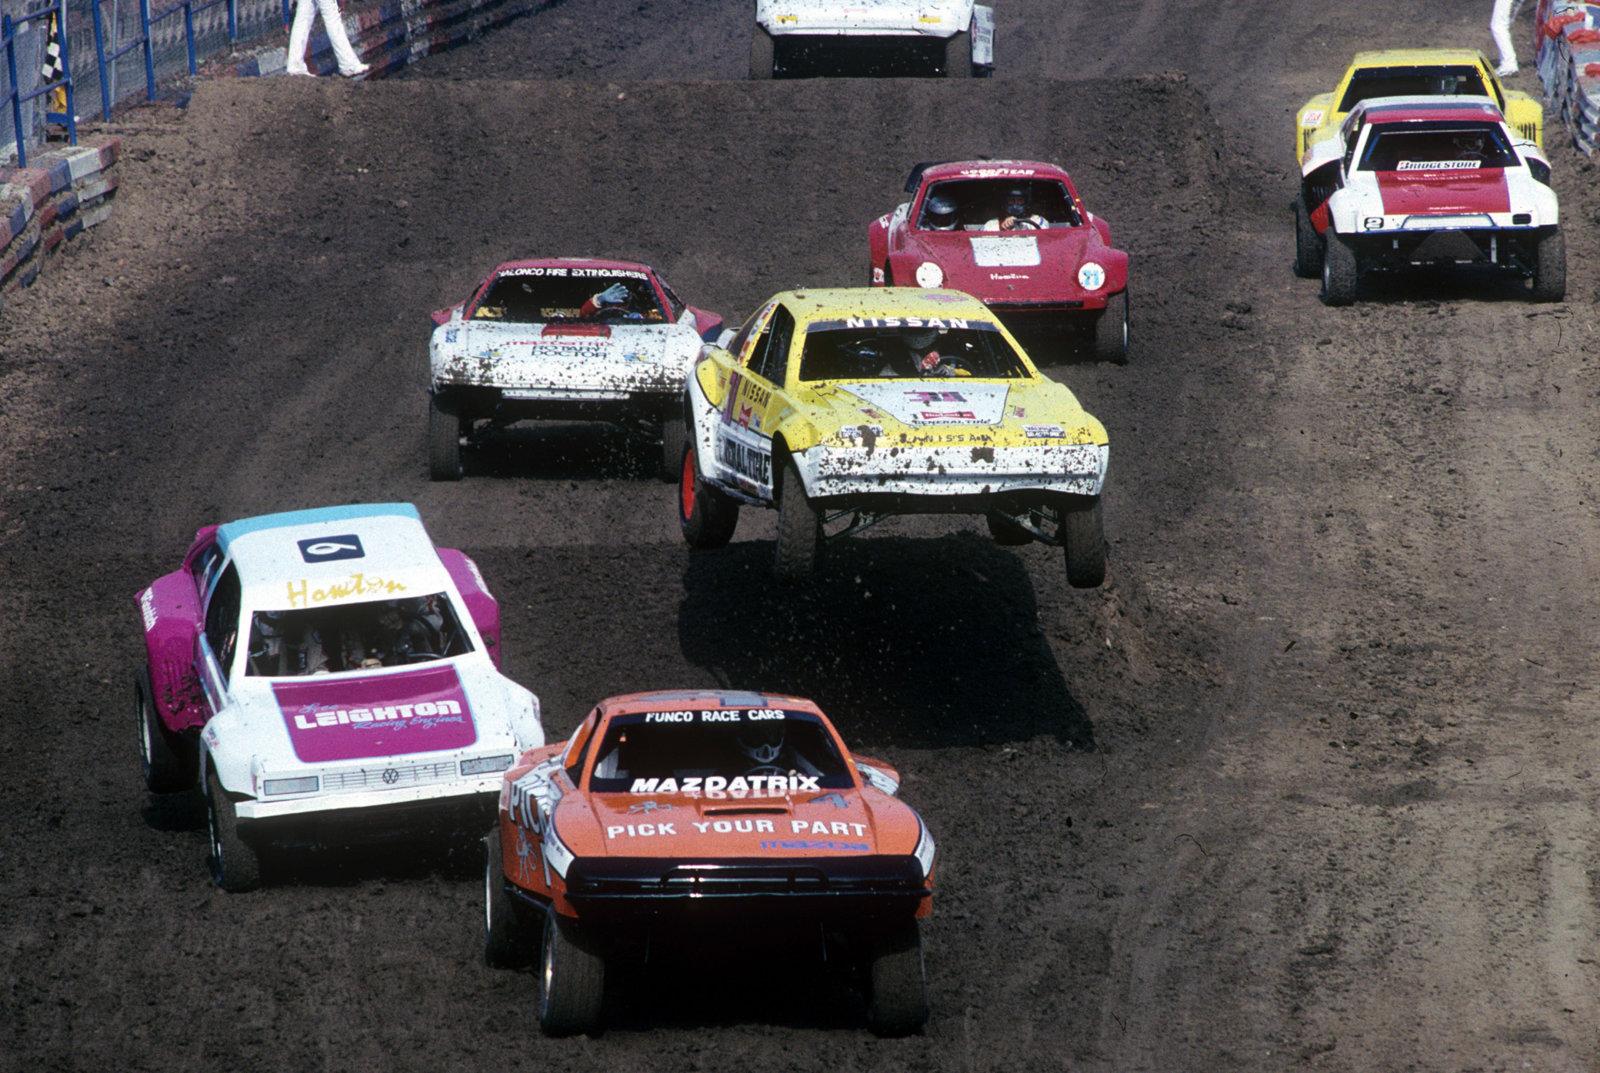 CenterlineImages.1988.MTEG.LA Colisum. cars.01.21x.jpg